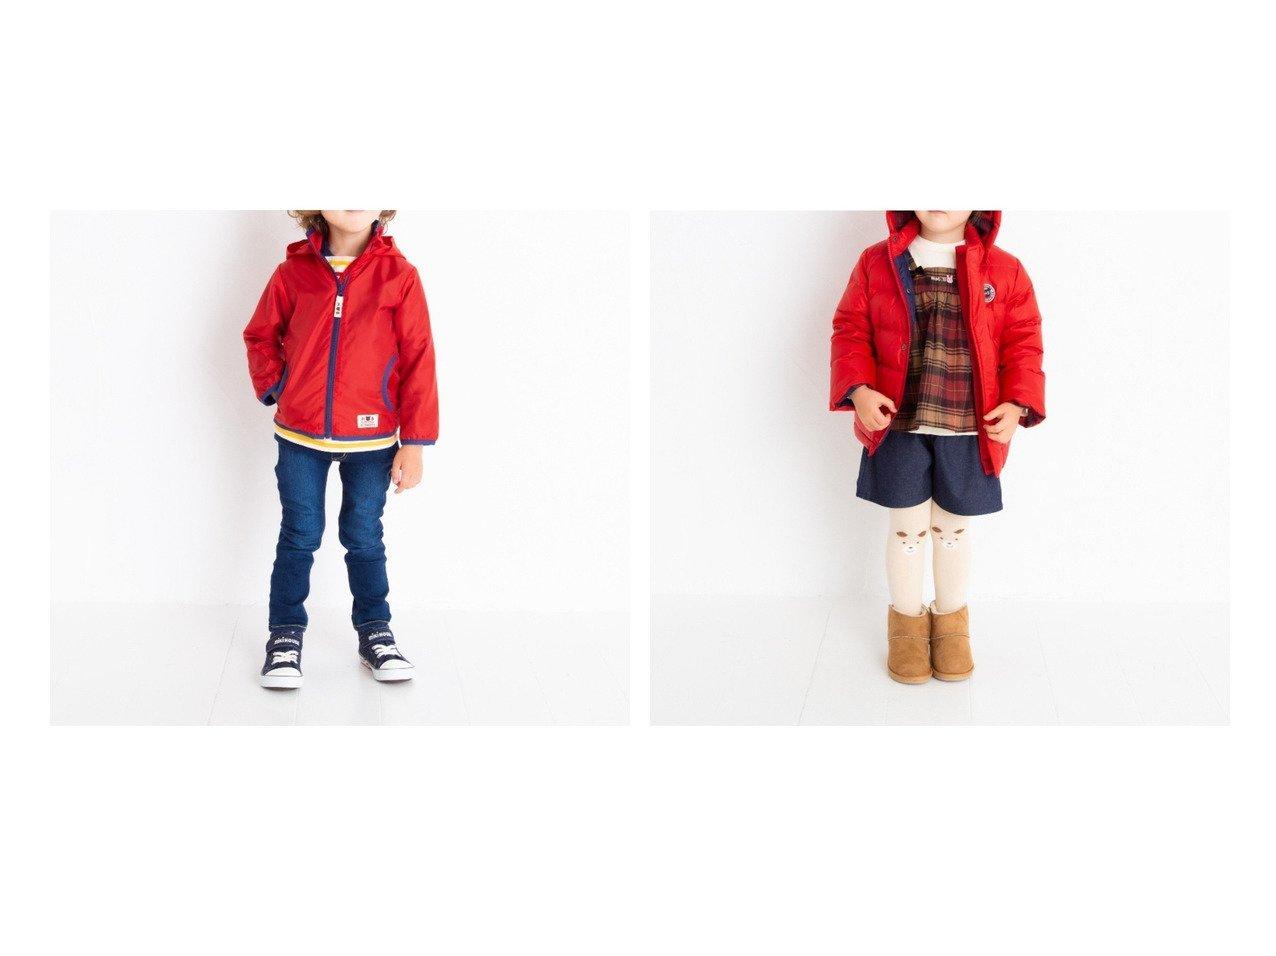 【MIKI HOUSE HOT BISCUITS / KIDS/ミキハウスホットビスケッツ】のウォッシャブル ダウンジャンケットウ(80~120cm)&はっ水 ウインドブレーカー(80~130cm) KIDS】子供服のおすすめ!人気トレンド・キッズファッションの通販 おすすめで人気の流行・トレンド、ファッションの通販商品 メンズファッション・キッズファッション・インテリア・家具・レディースファッション・服の通販 founy(ファニー) https://founy.com/ ファッション Fashion キッズファッション KIDS アウター Coat Outerwear Kids コーティング ブルゾン ループ ウォッシャブル ジャケット ダウン チェック |ID:crp329100000018384